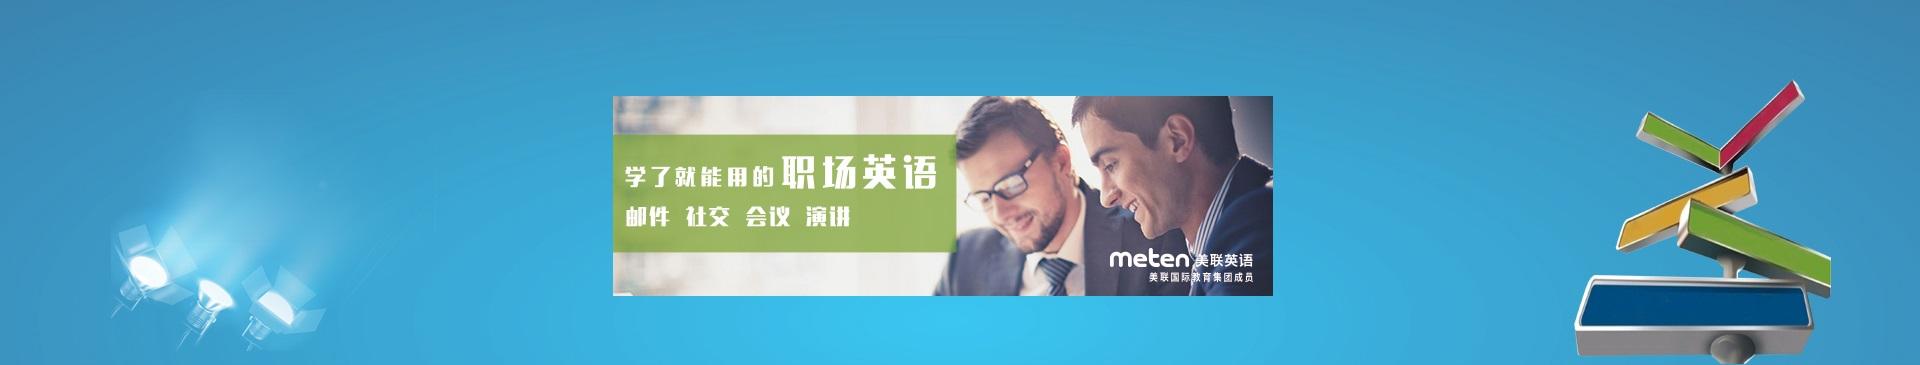 北京朝阳区长楹天街美联英语培训